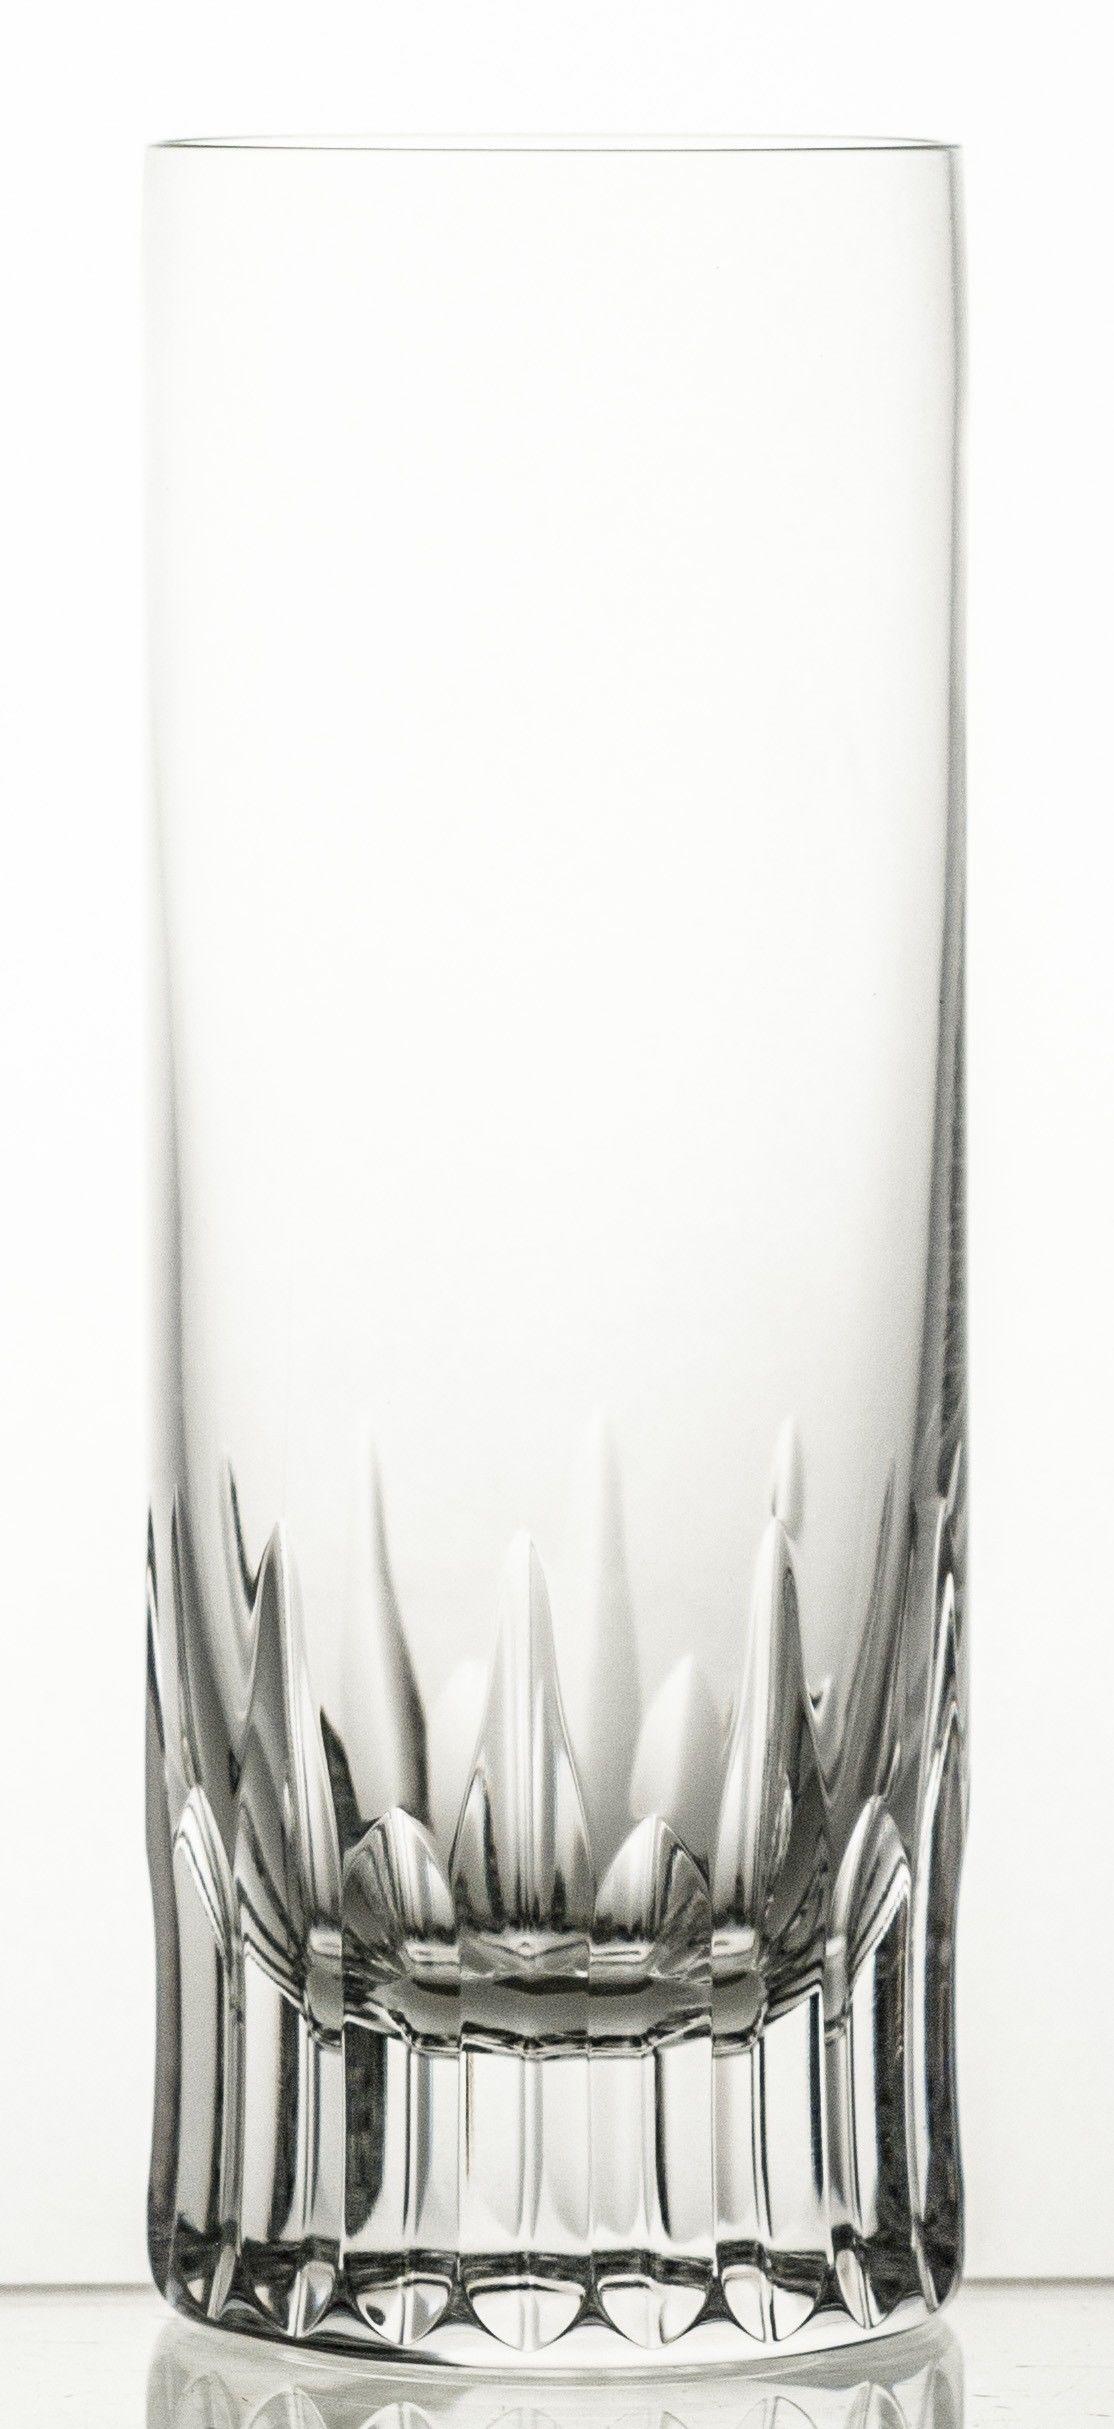 Szklanki do napojów kryształ long drink 6 sztuk (13680)